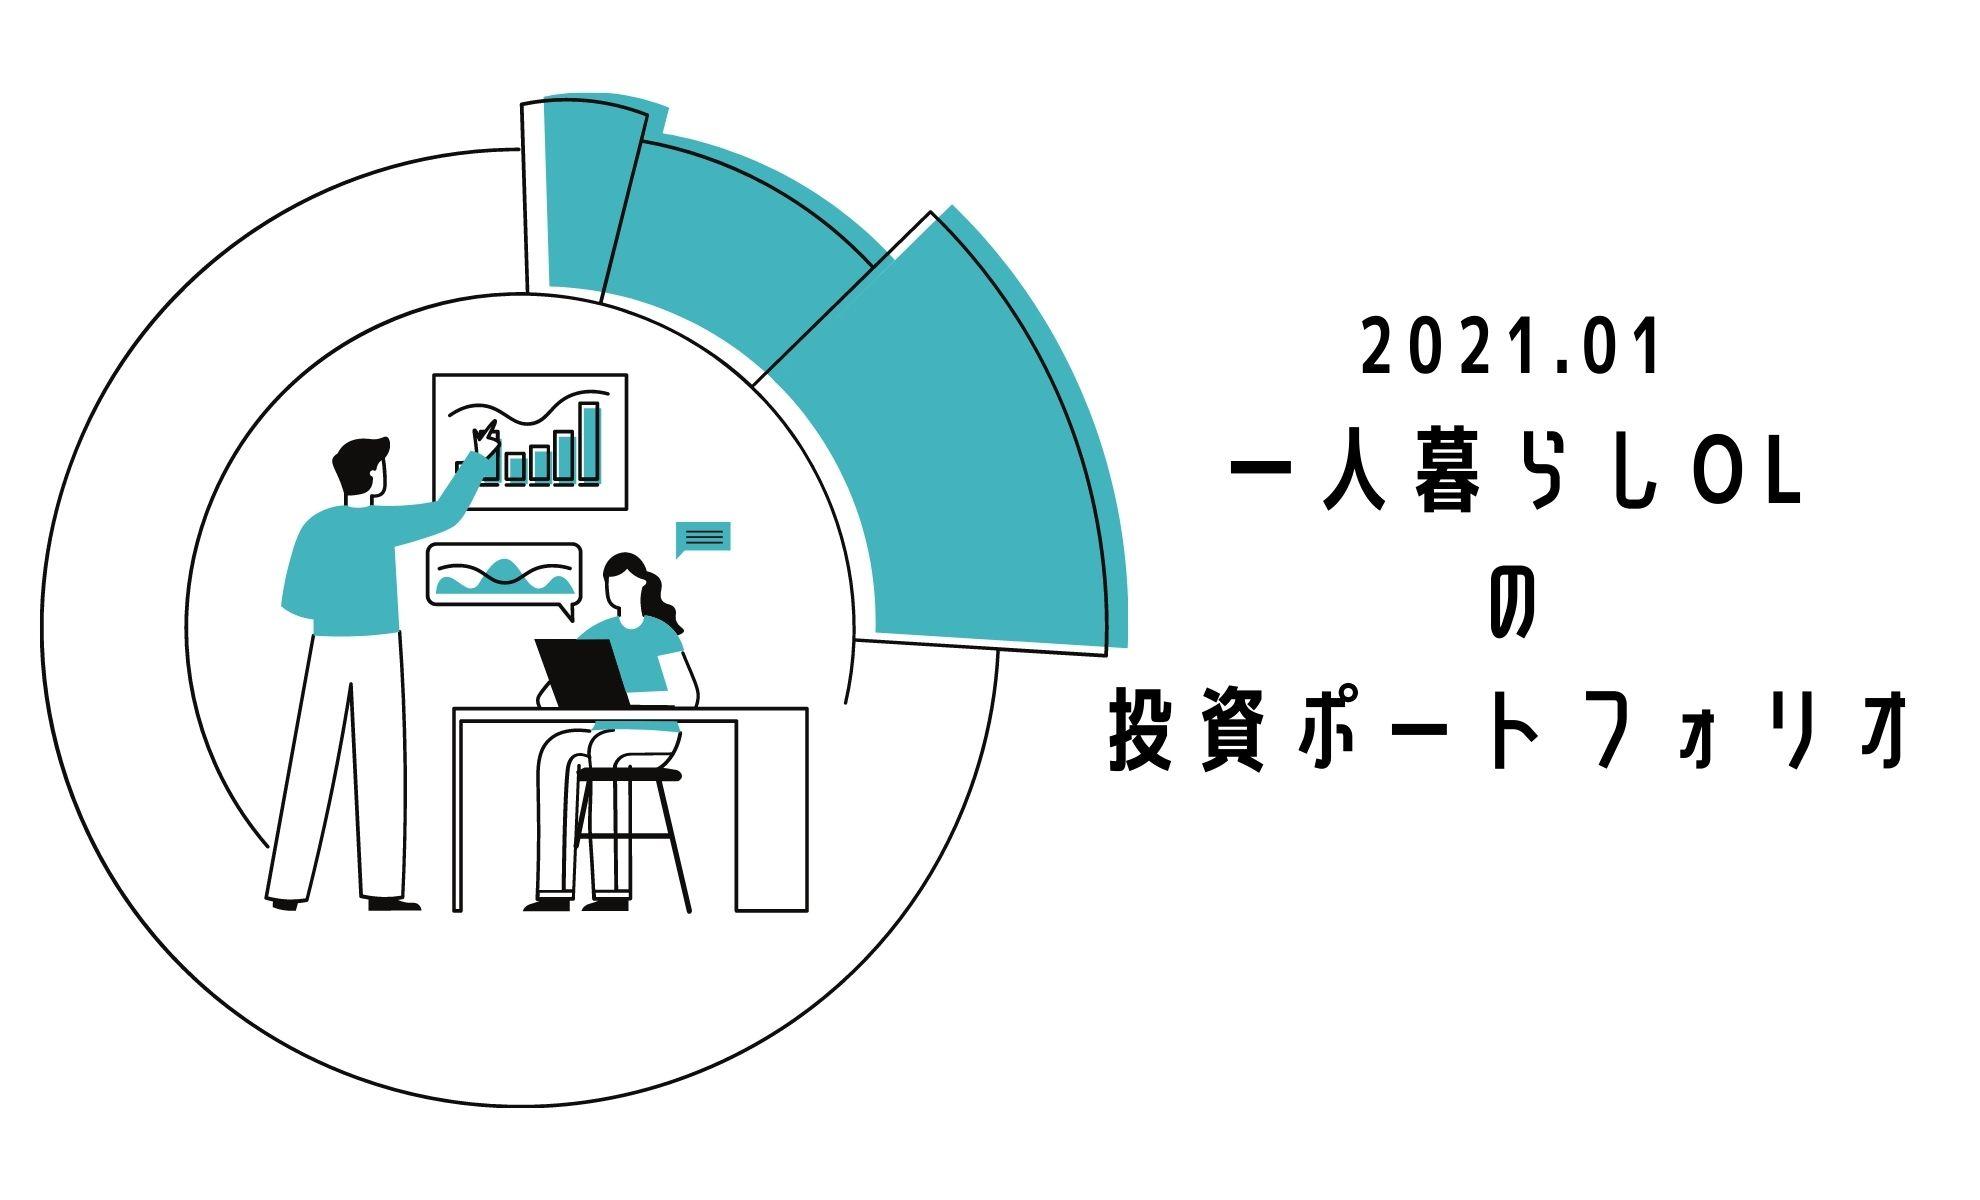 一人暮らしOL の 投資ポートフォリオ202101